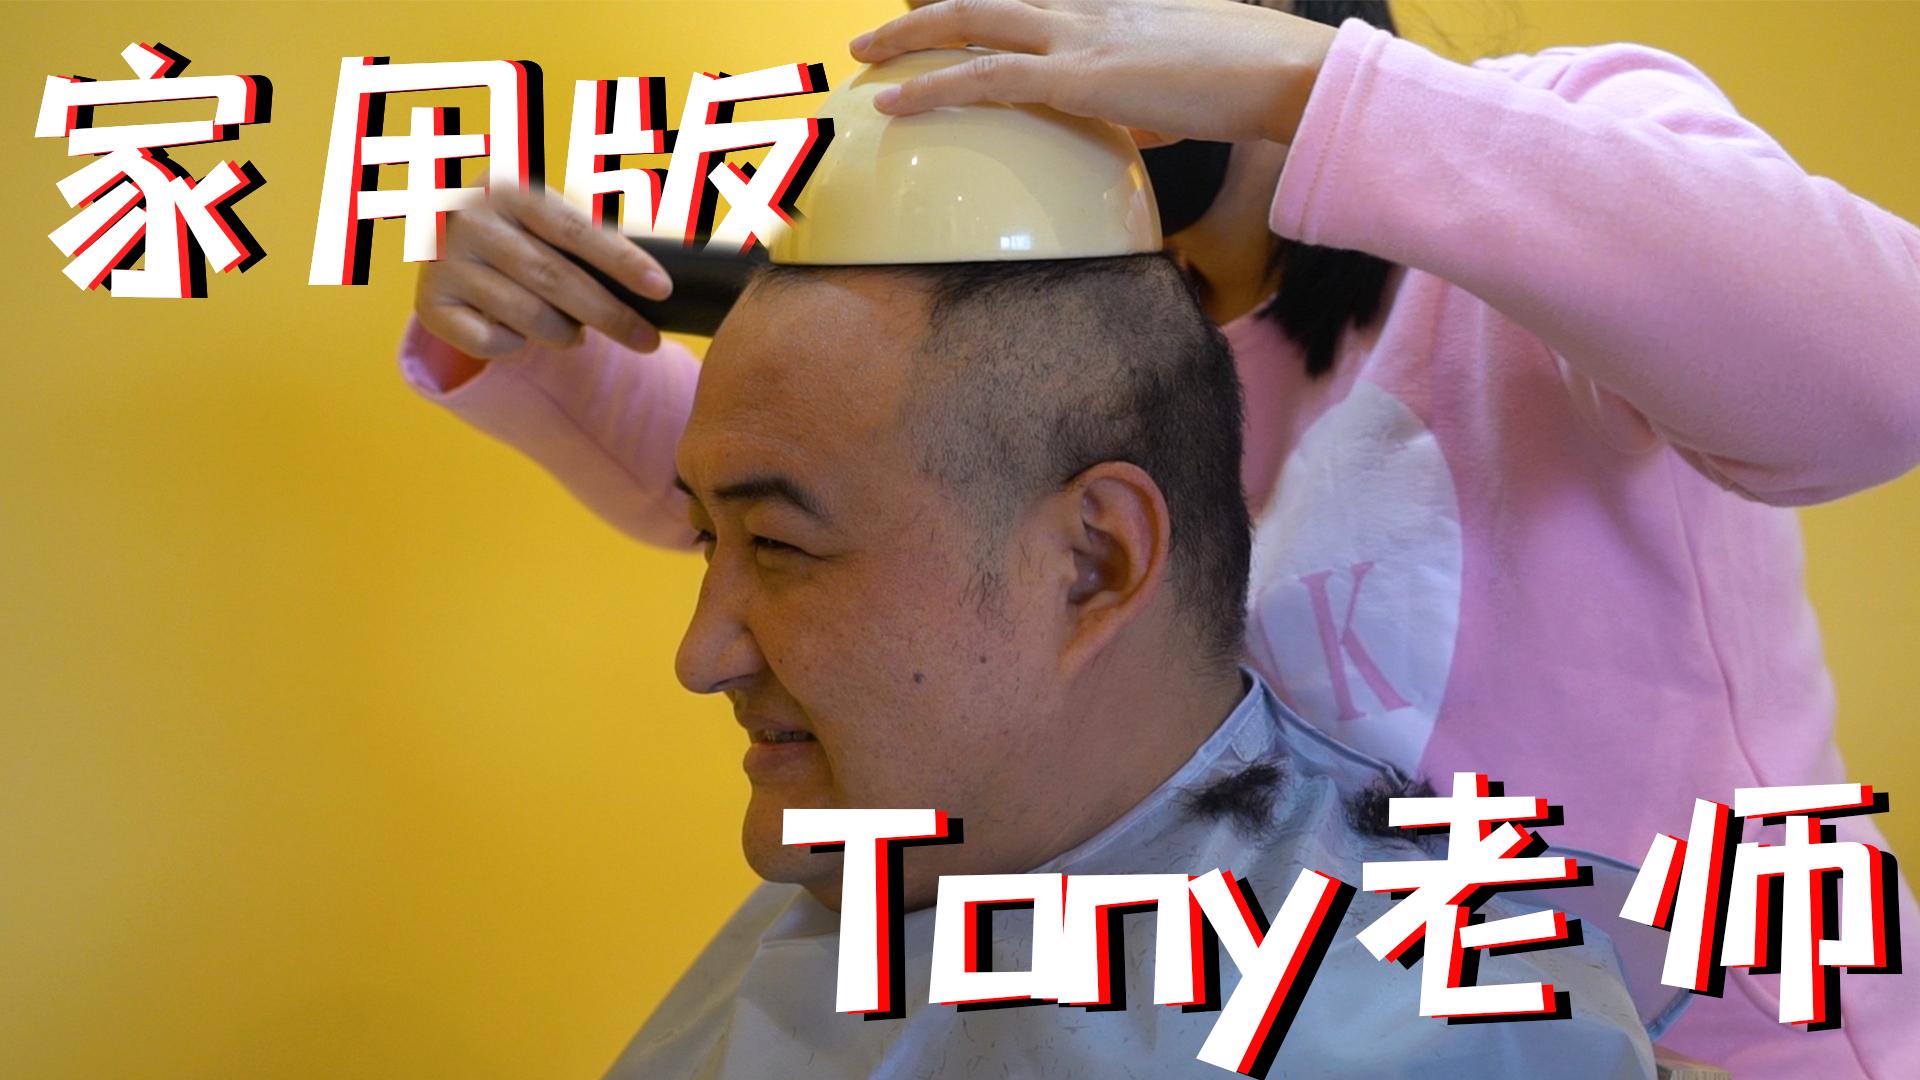 【吃货请闭眼】400元和59元理发器哪个更好用?三位妻子在线理发,最终谁会胜出?